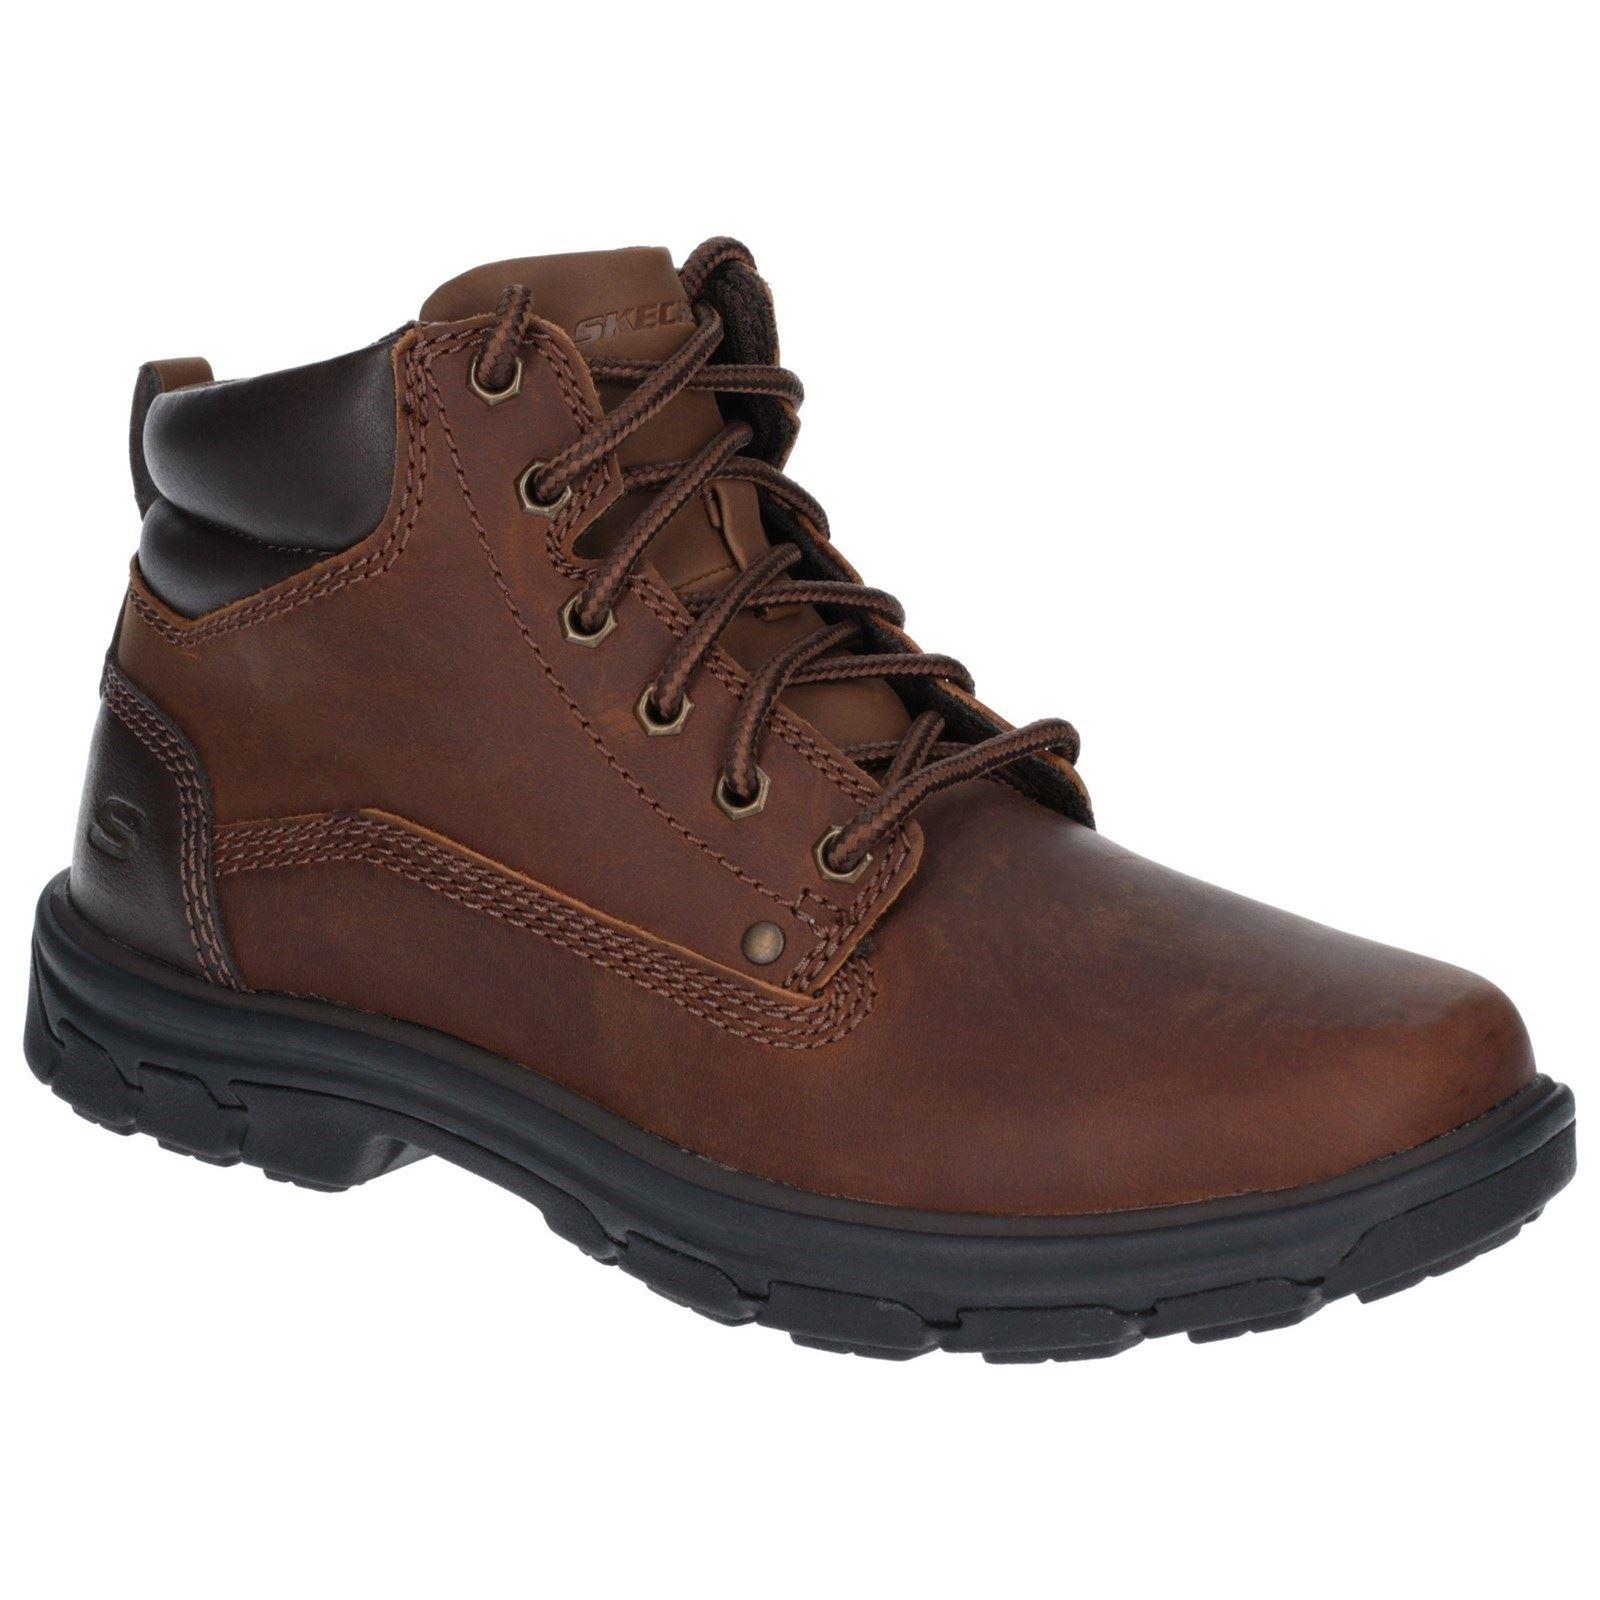 Details zu Skechers Segment Garnet Brown Mens Boots Leather